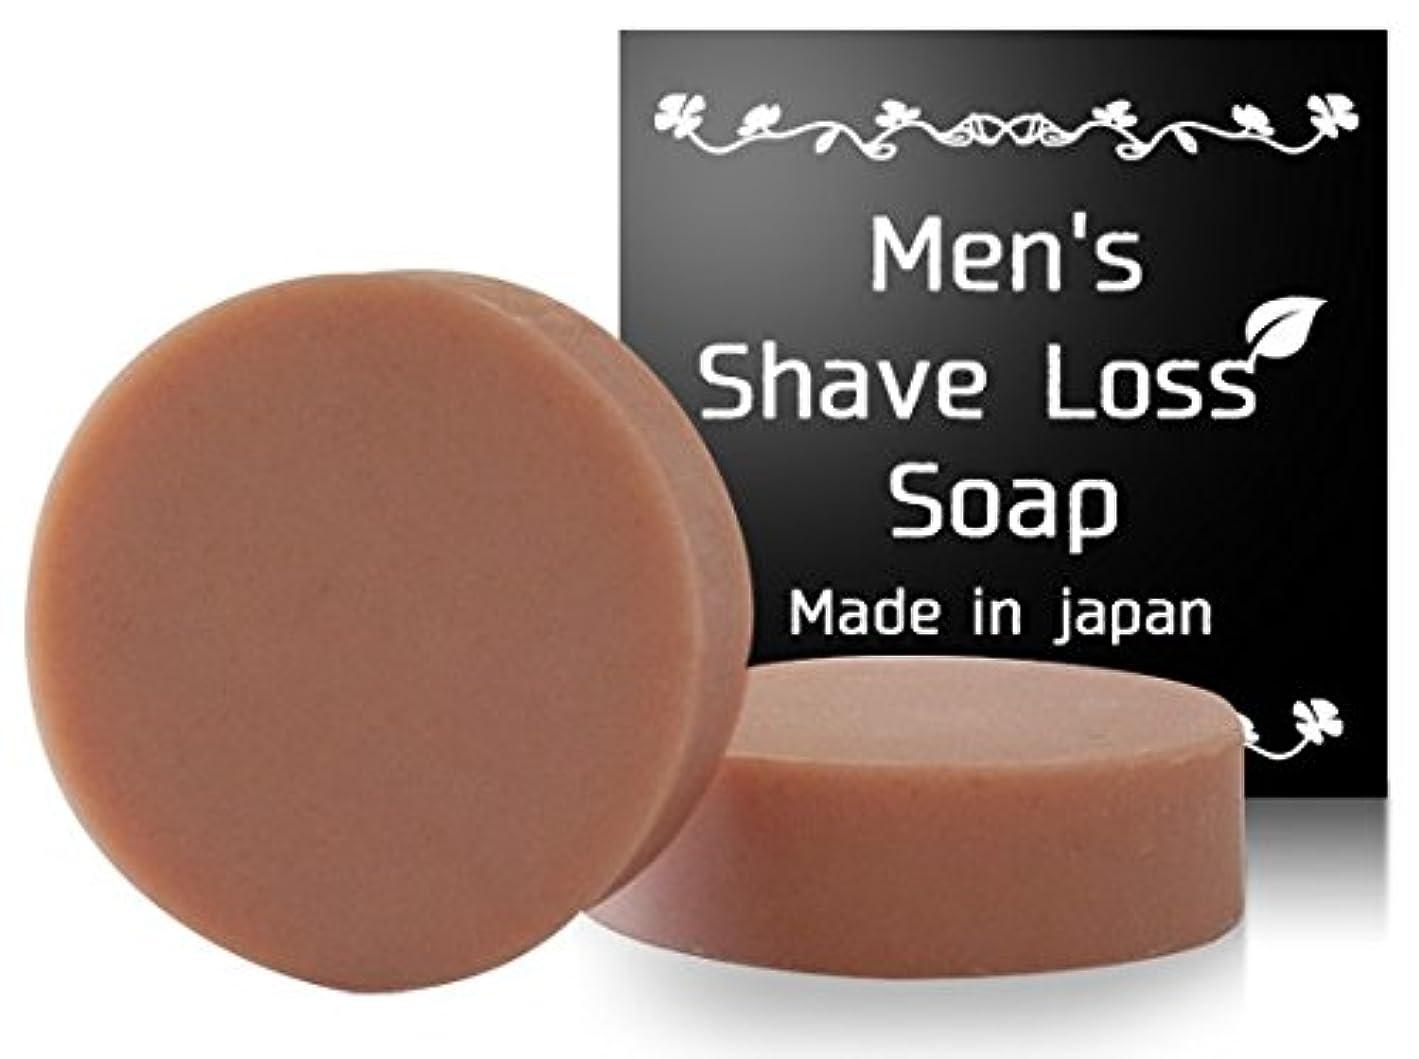 高層ビル煙突権限を与えるMens Shave Loss Soap シェーブロス 剛毛は嫌!ツルツル過ぎも嫌! そんな夢を叶えた奇跡の石鹸! 【男性専用】(1個)